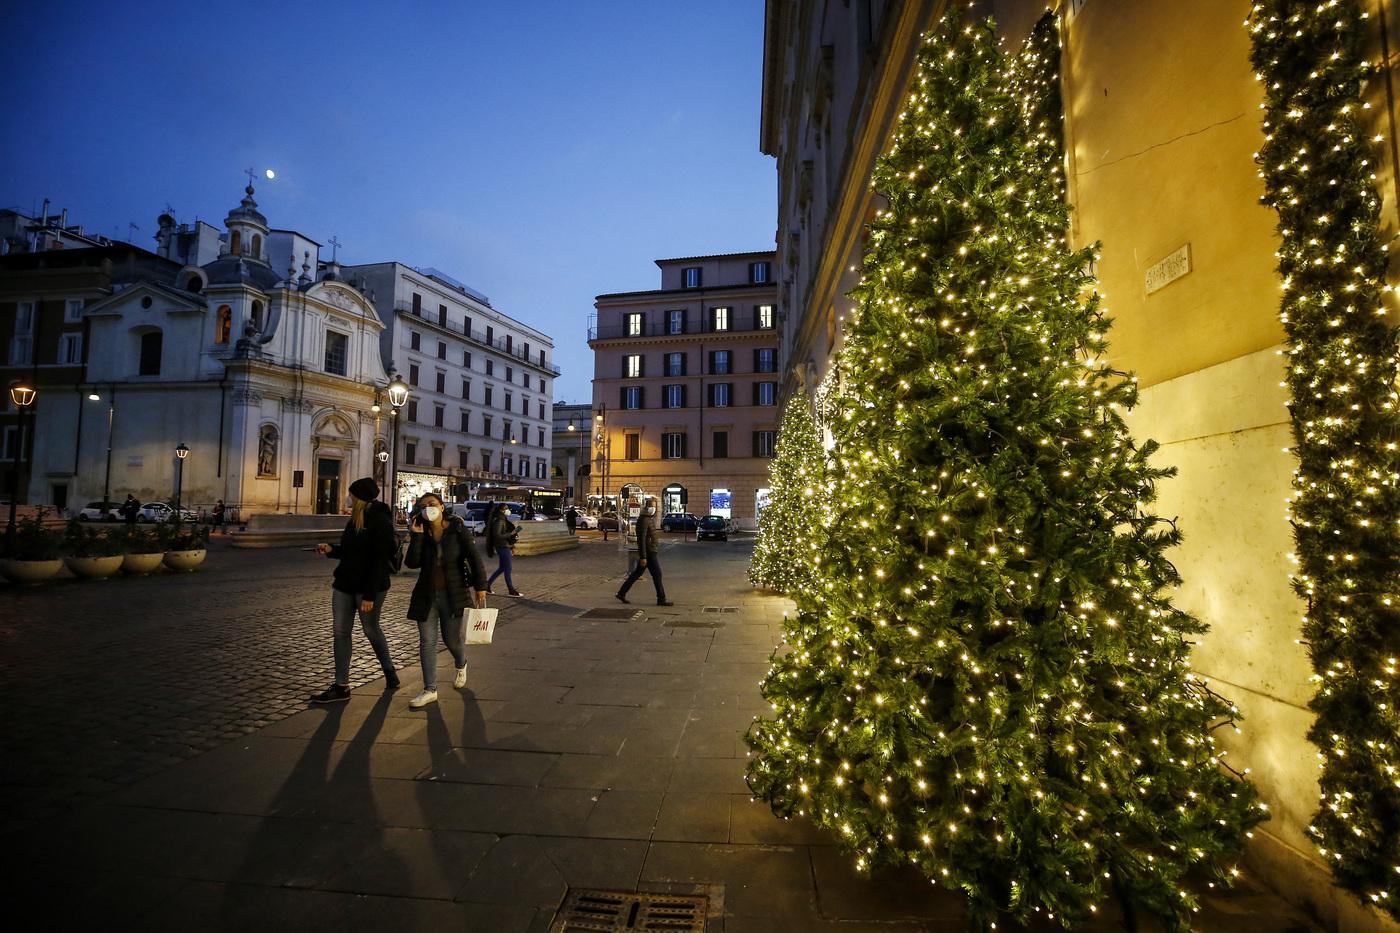 Vietato spostarsi a Natale: arriva la conferma. Nel nuovo Dpcm nessuna deroga